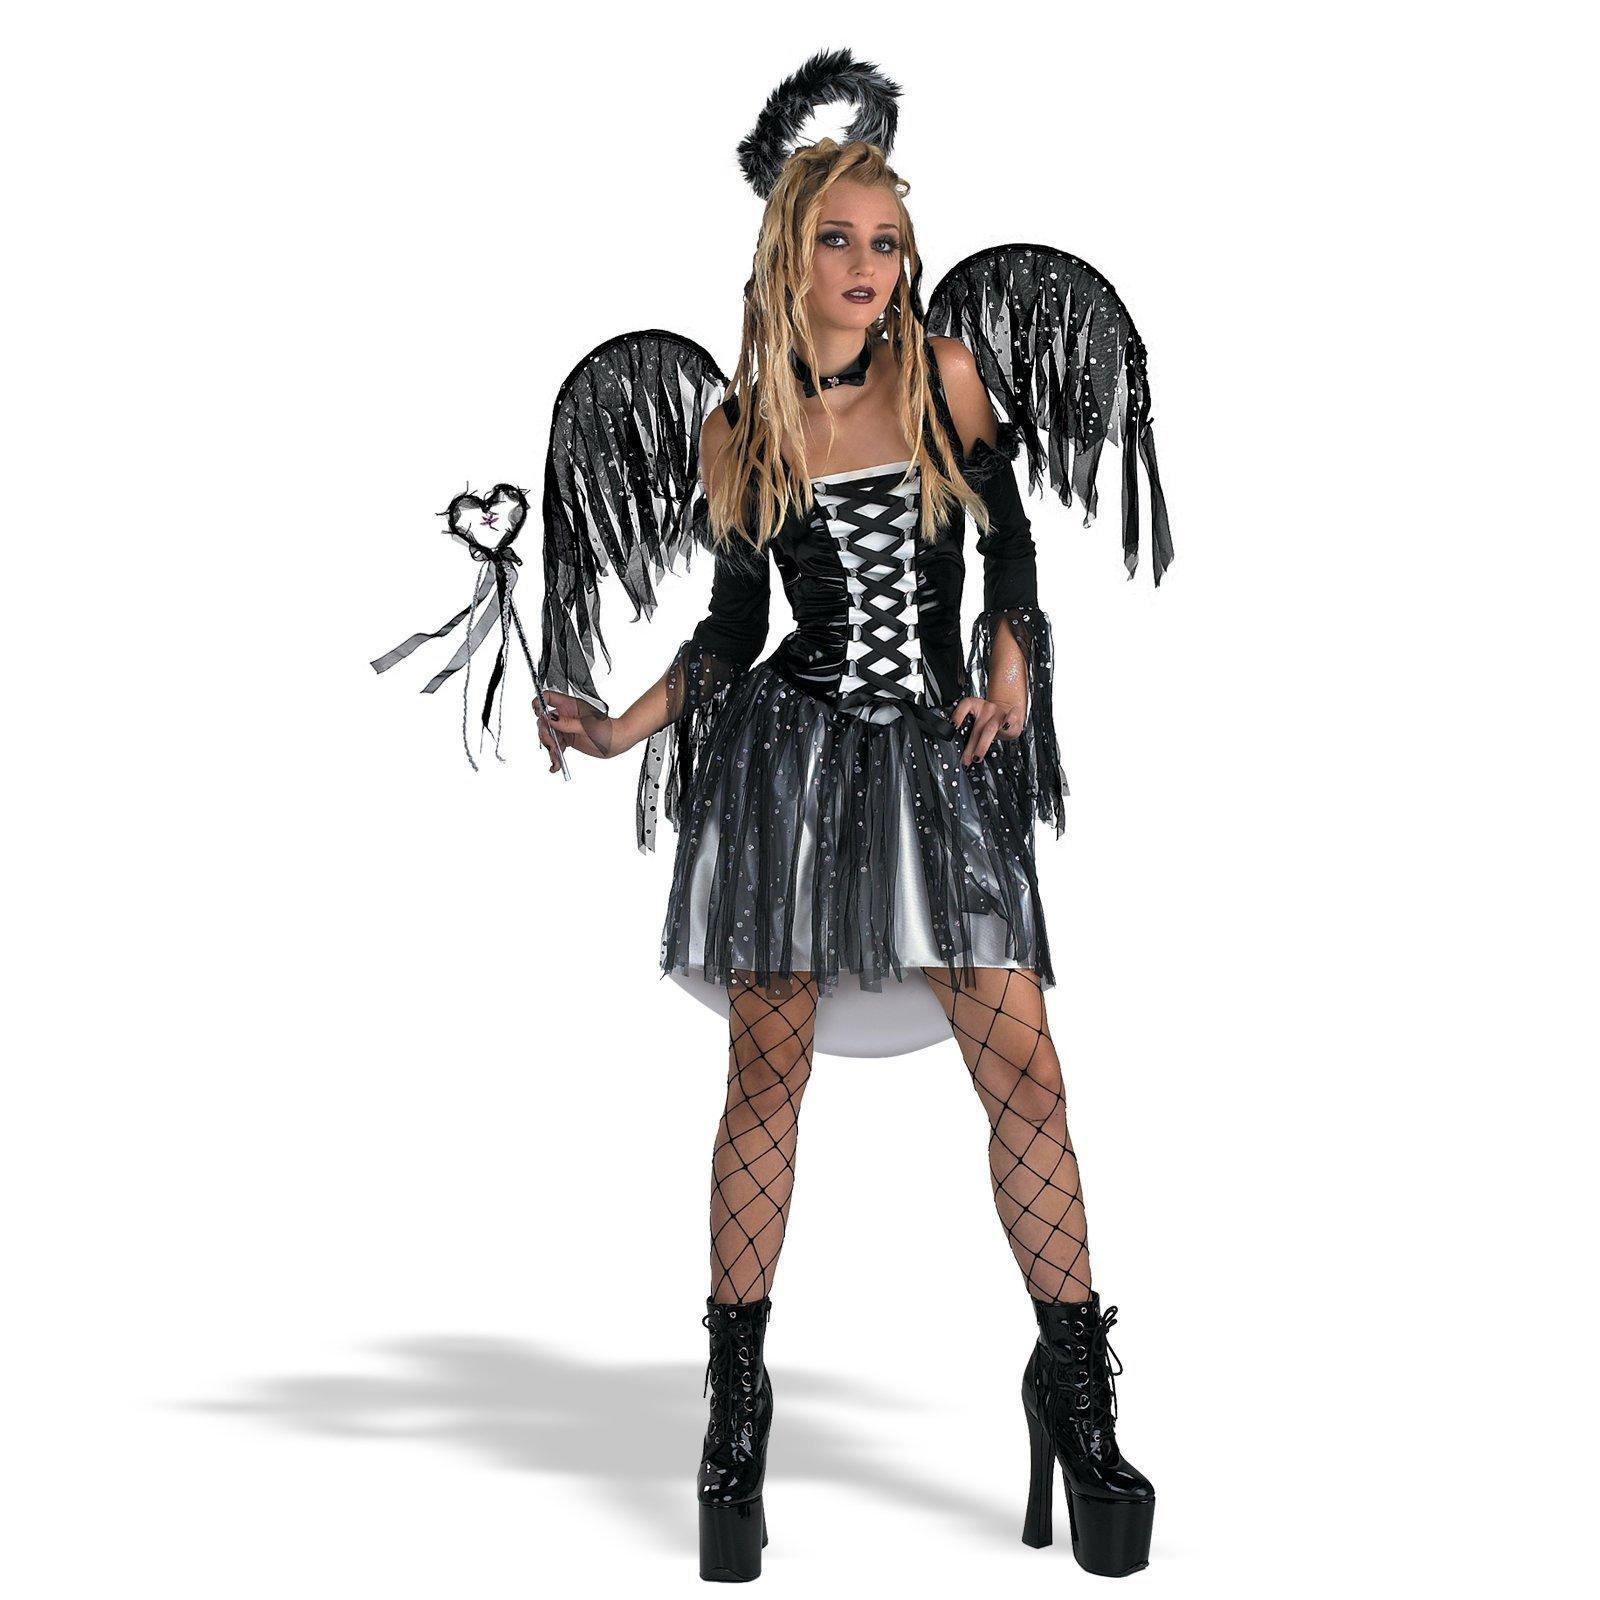 Fallen angel teen girls